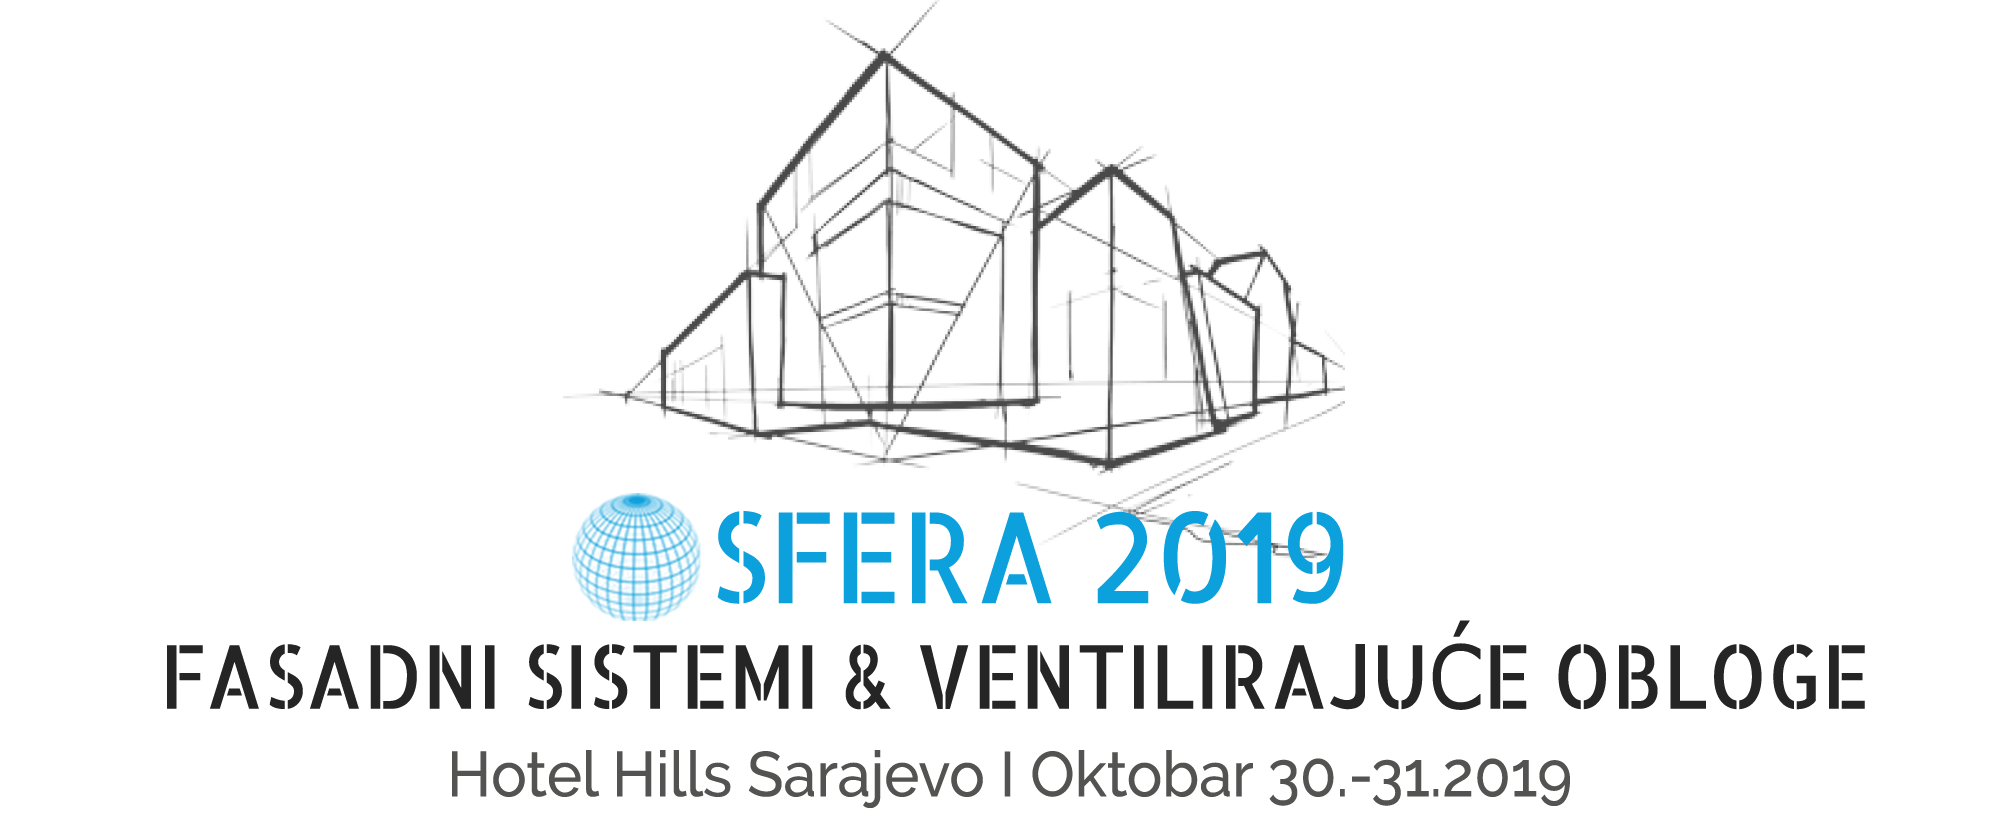 Sfera 2019 logo